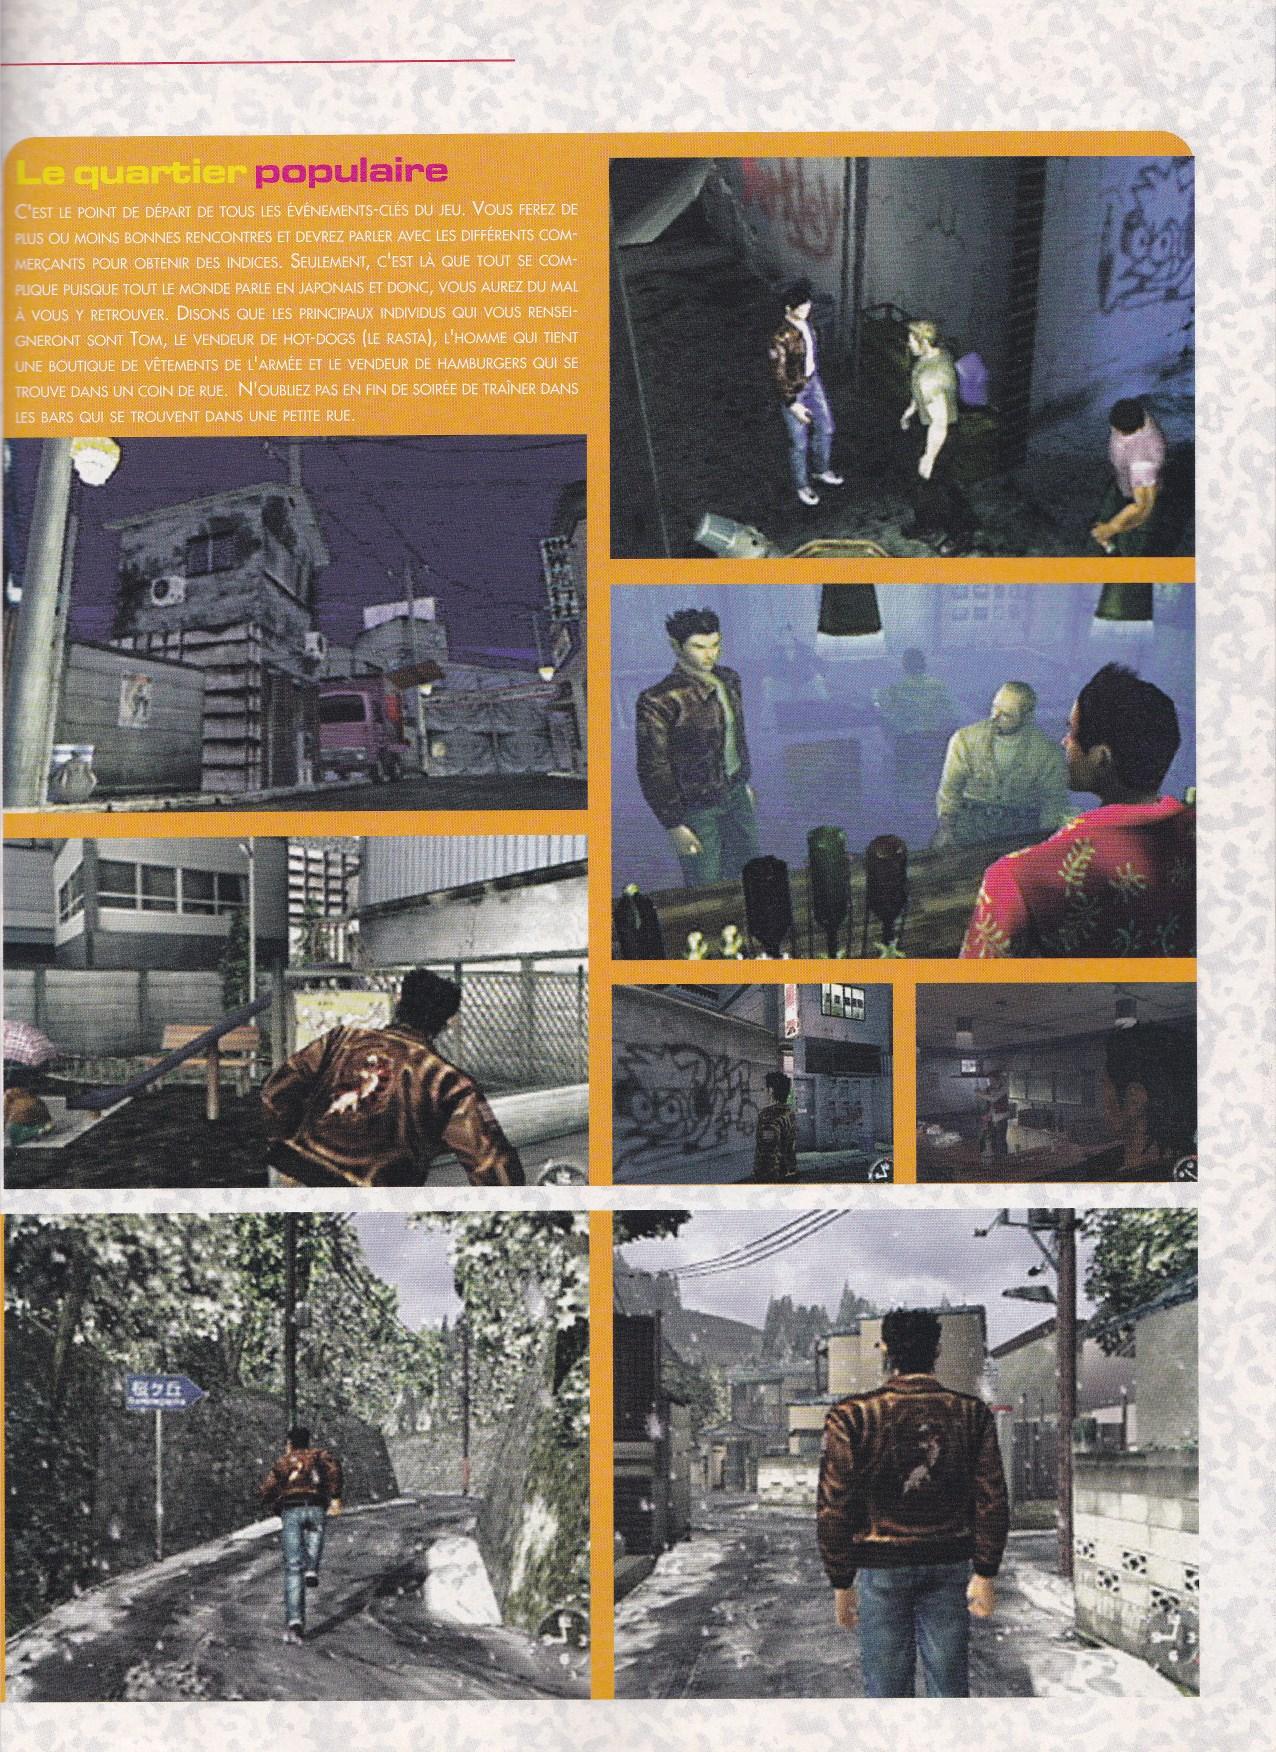 Gamedream janvier 2000